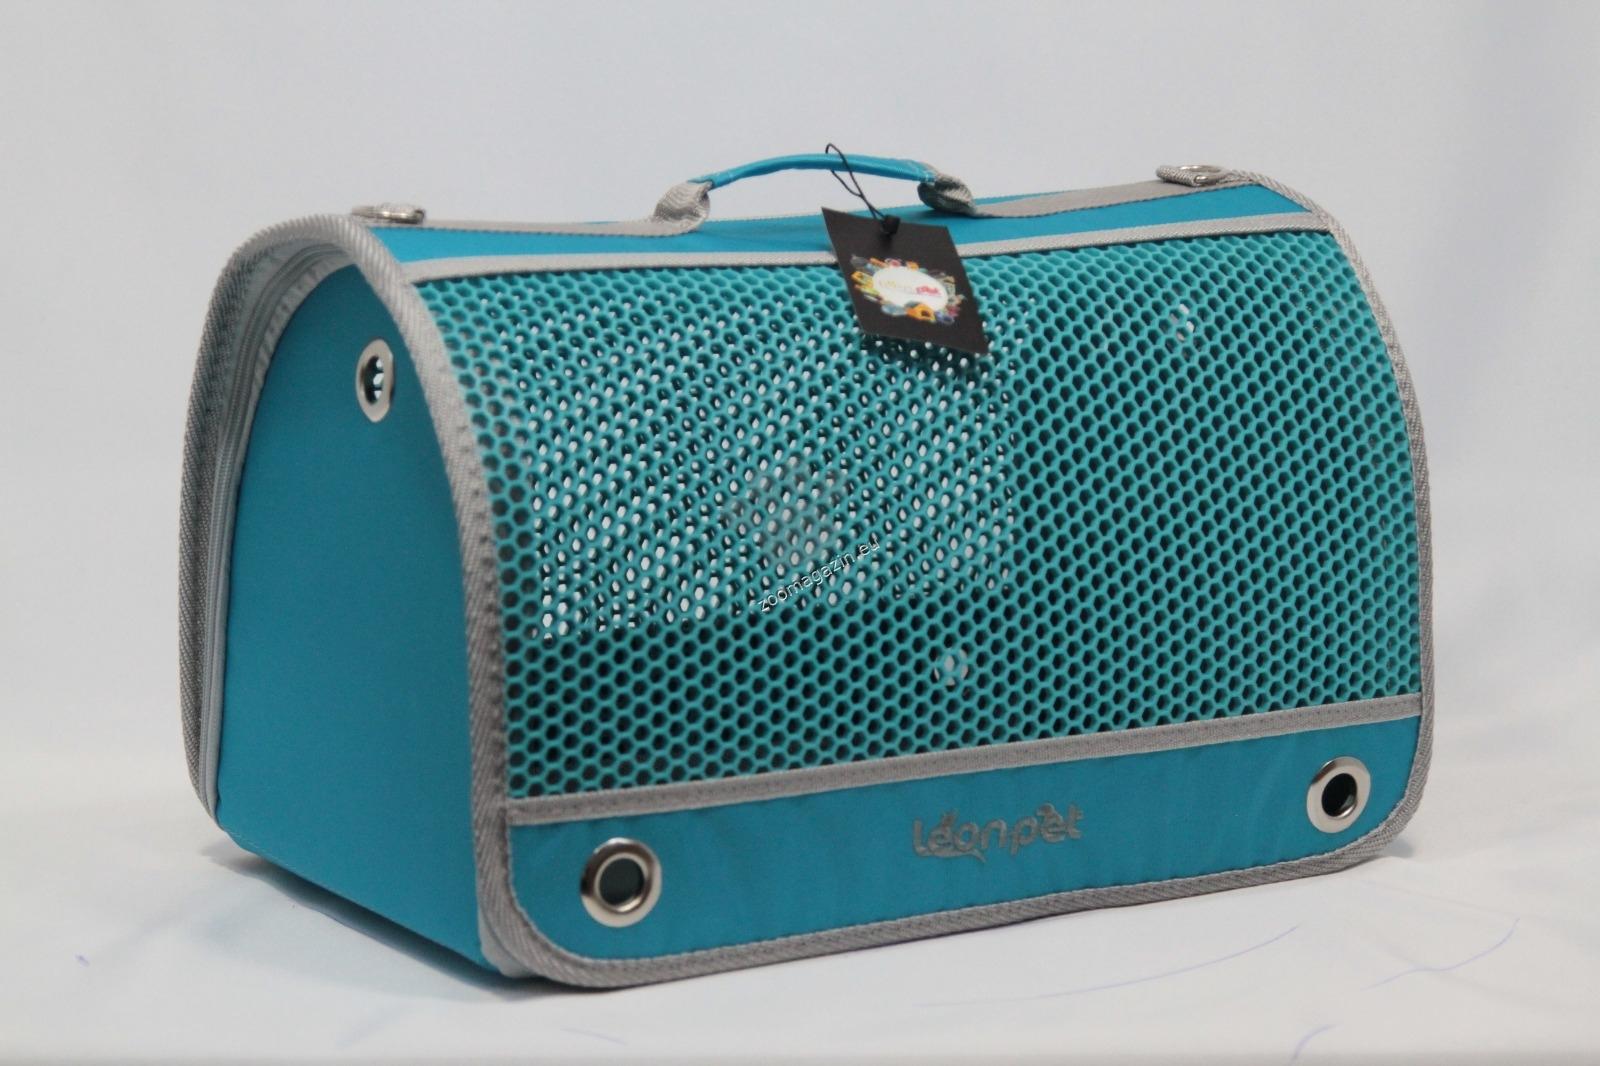 Dubex Air - транспортна чанта / светло синя, червена, зелена, сива, синя / 48 / 28 / 32 см.